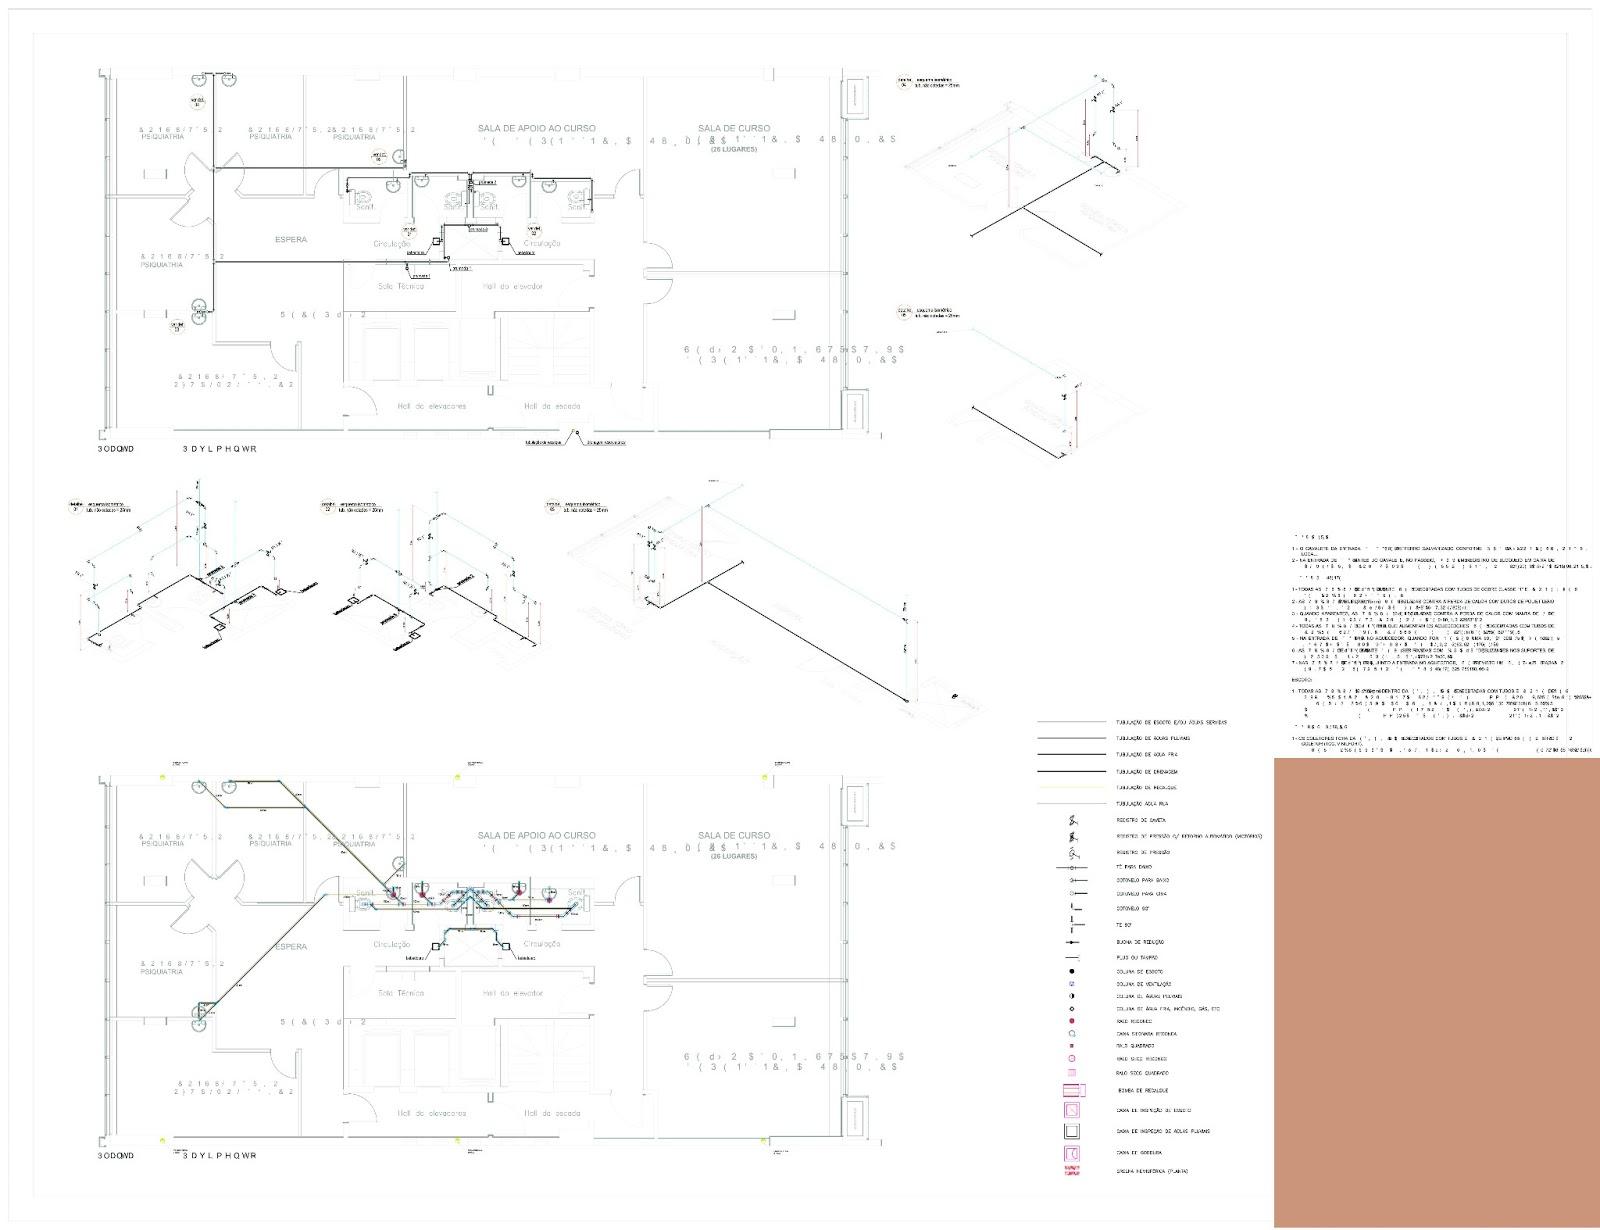 mariani dalan layout e vistas para apresentação de proposta para #925639 1600 1230